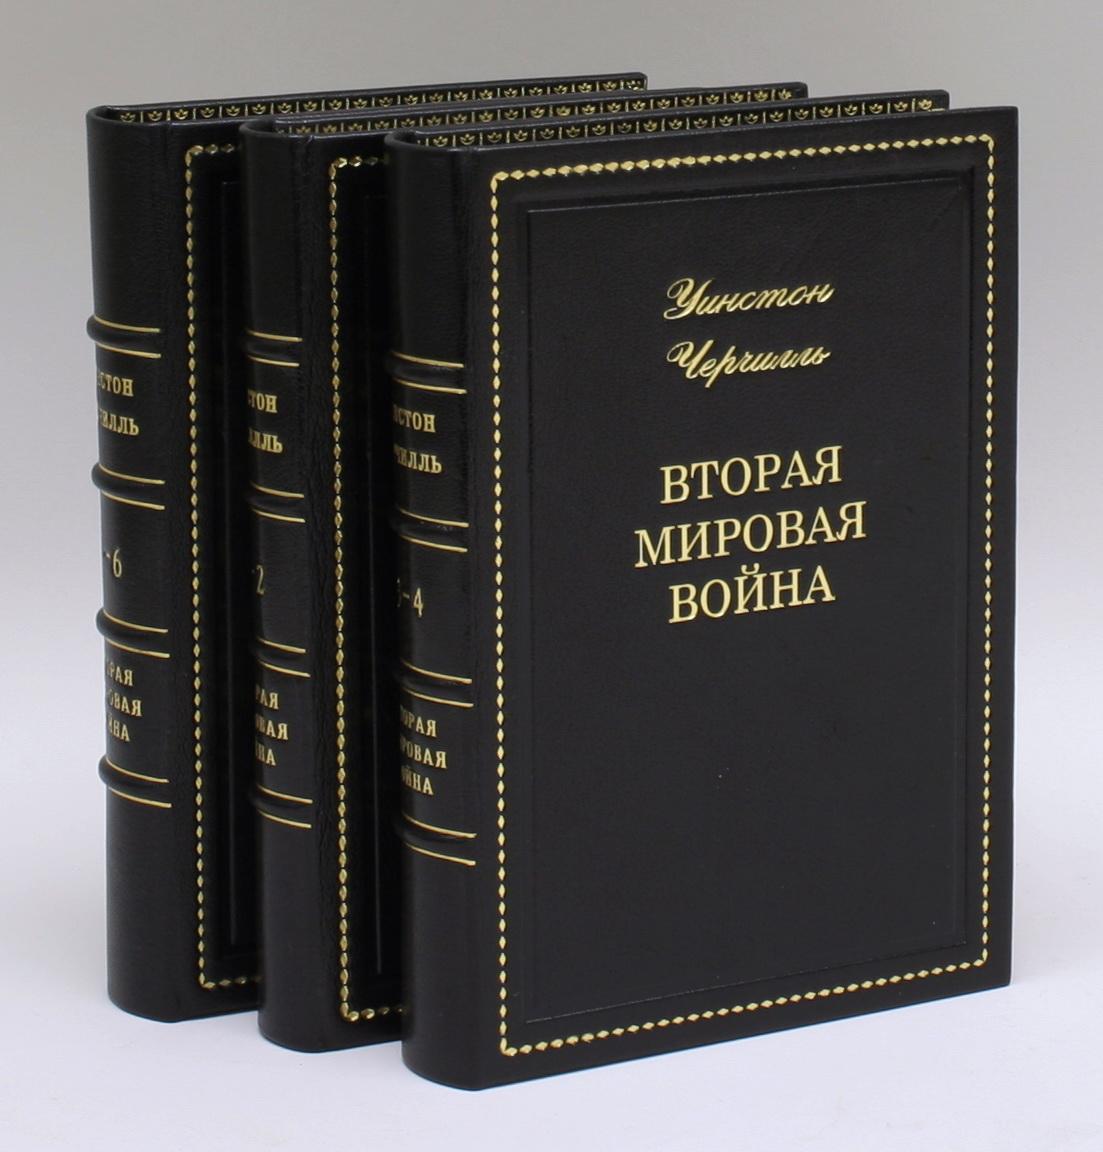 Вторая мировая война. В 6 томах. В 3 книгах